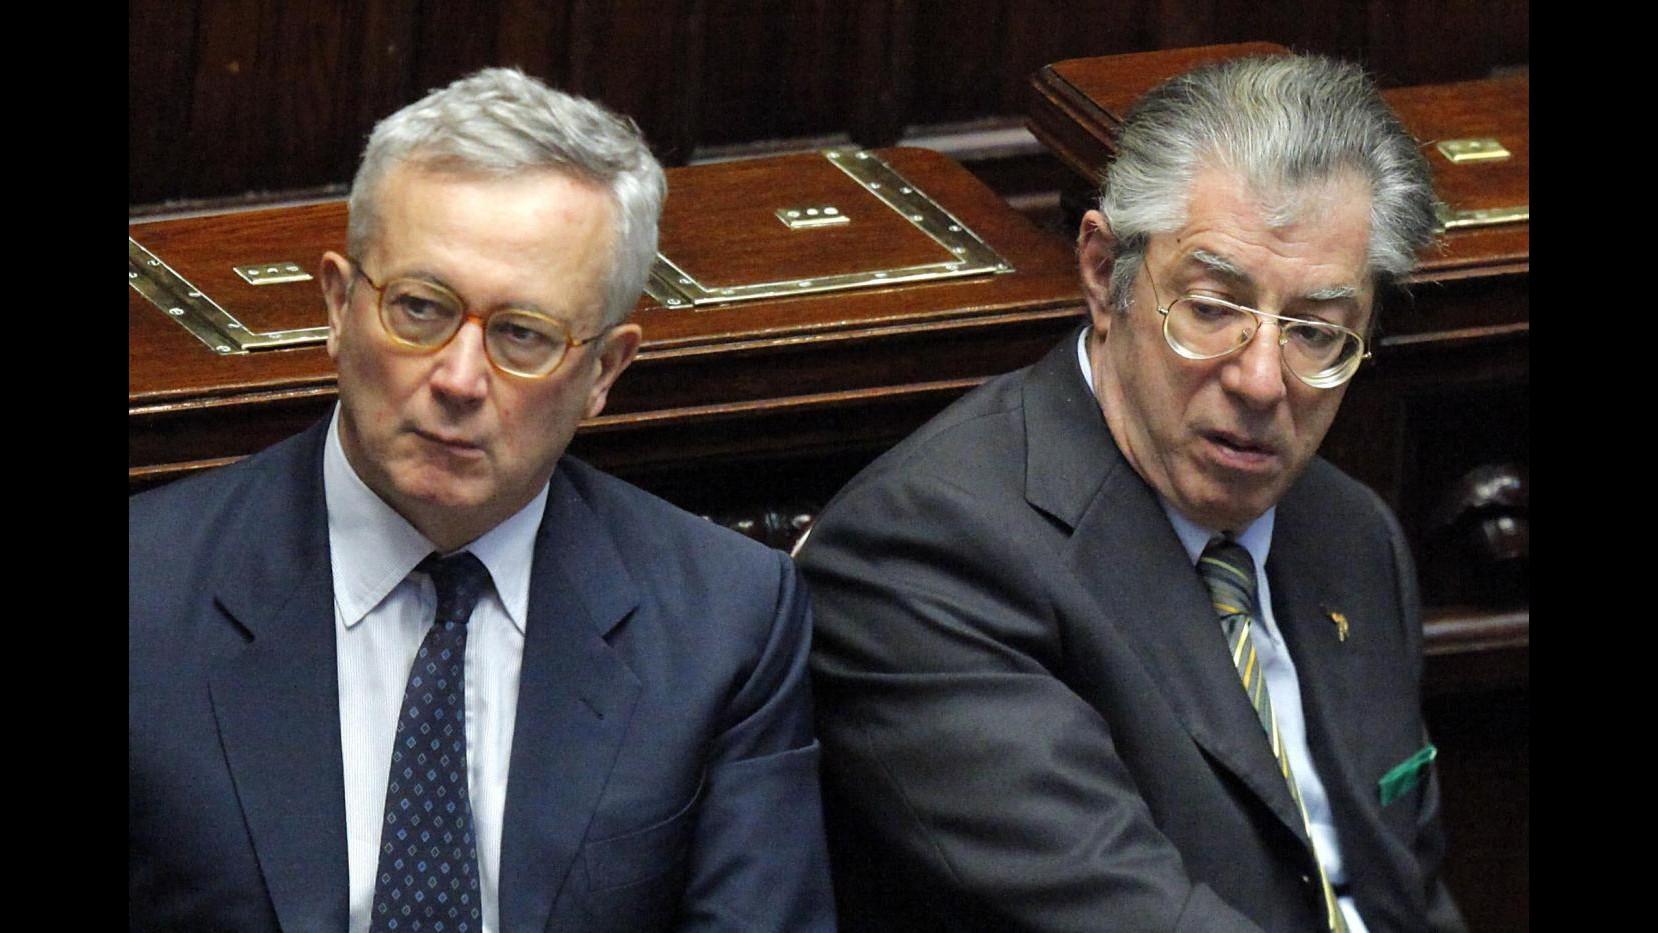 Bossi: Sulle pensioni Tremonti non mi ha convinto